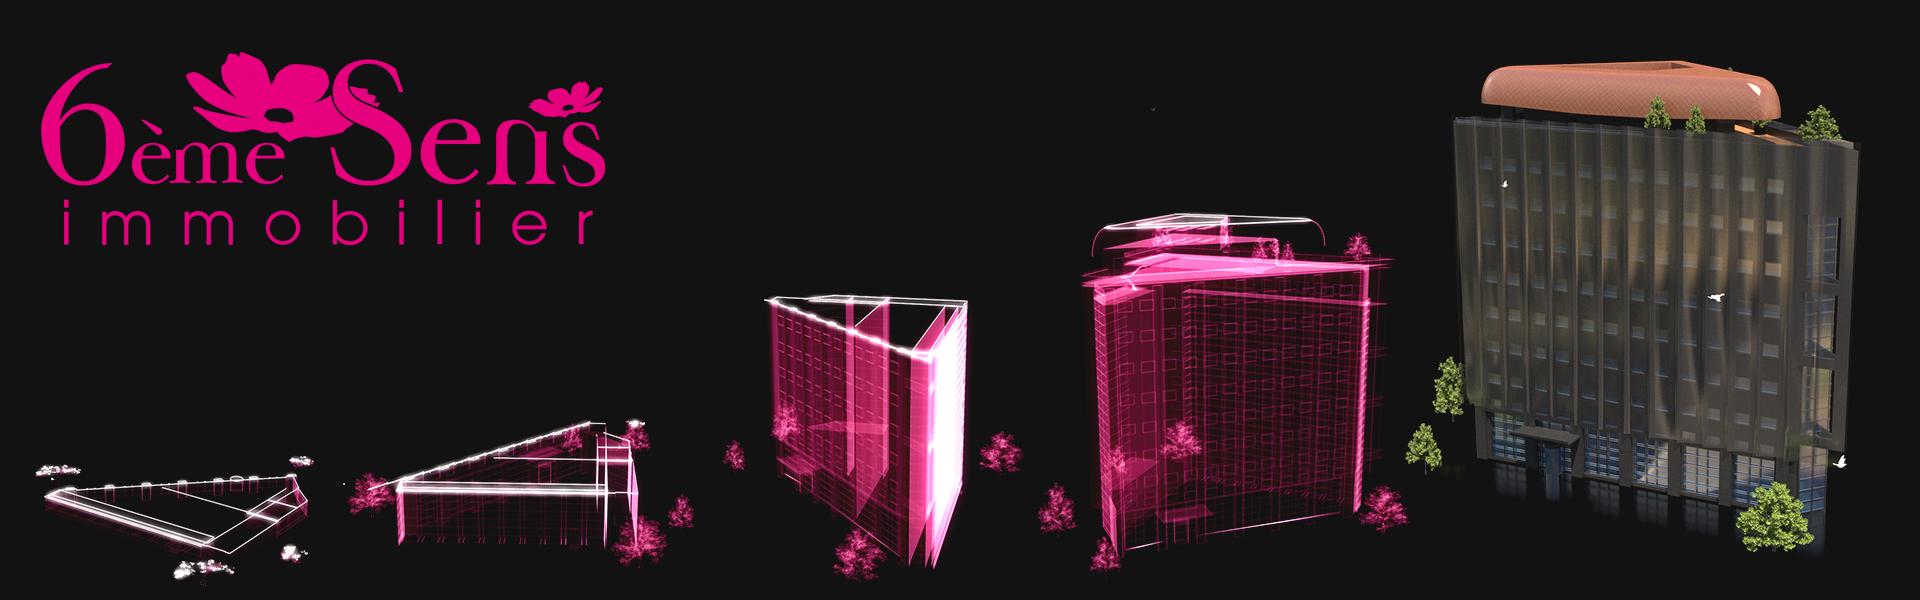 Banderole de : Hologramme d'un bâtiment – 6ème Sens Immobilier